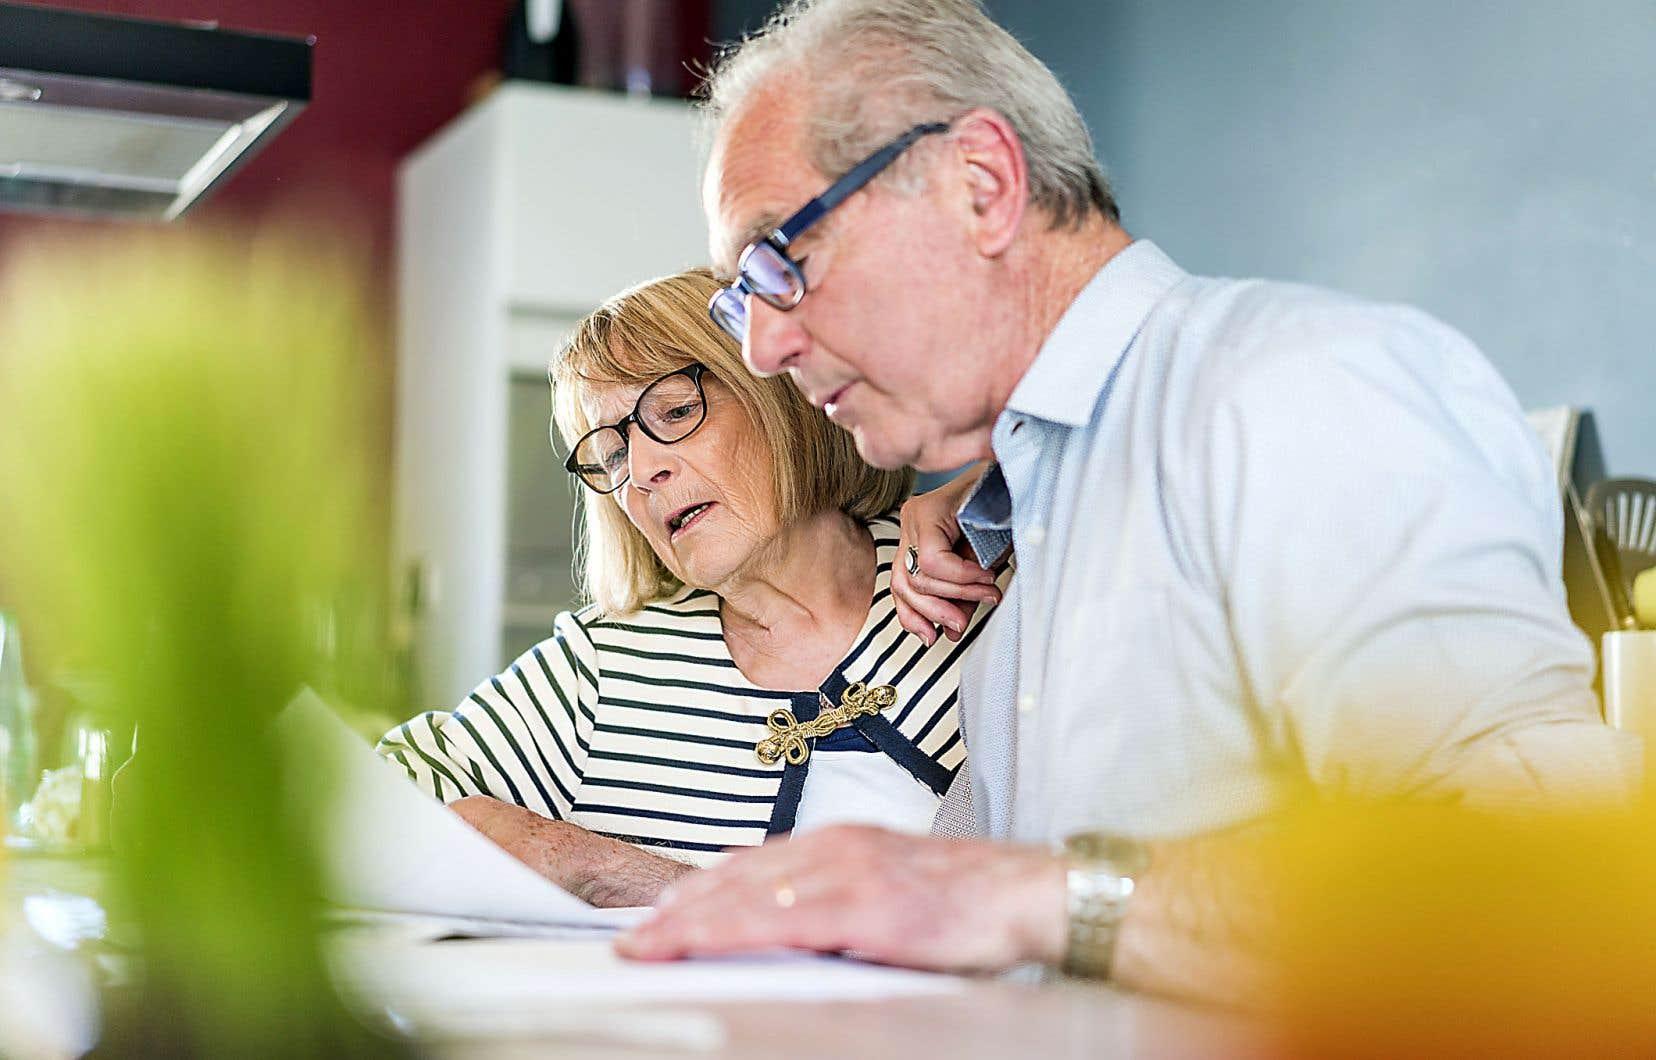 La FADOQ a mis sur pied un système de placement en ligne pour permettre aux personnes de 50 ans et plus de se trouver plus facilement du travail.